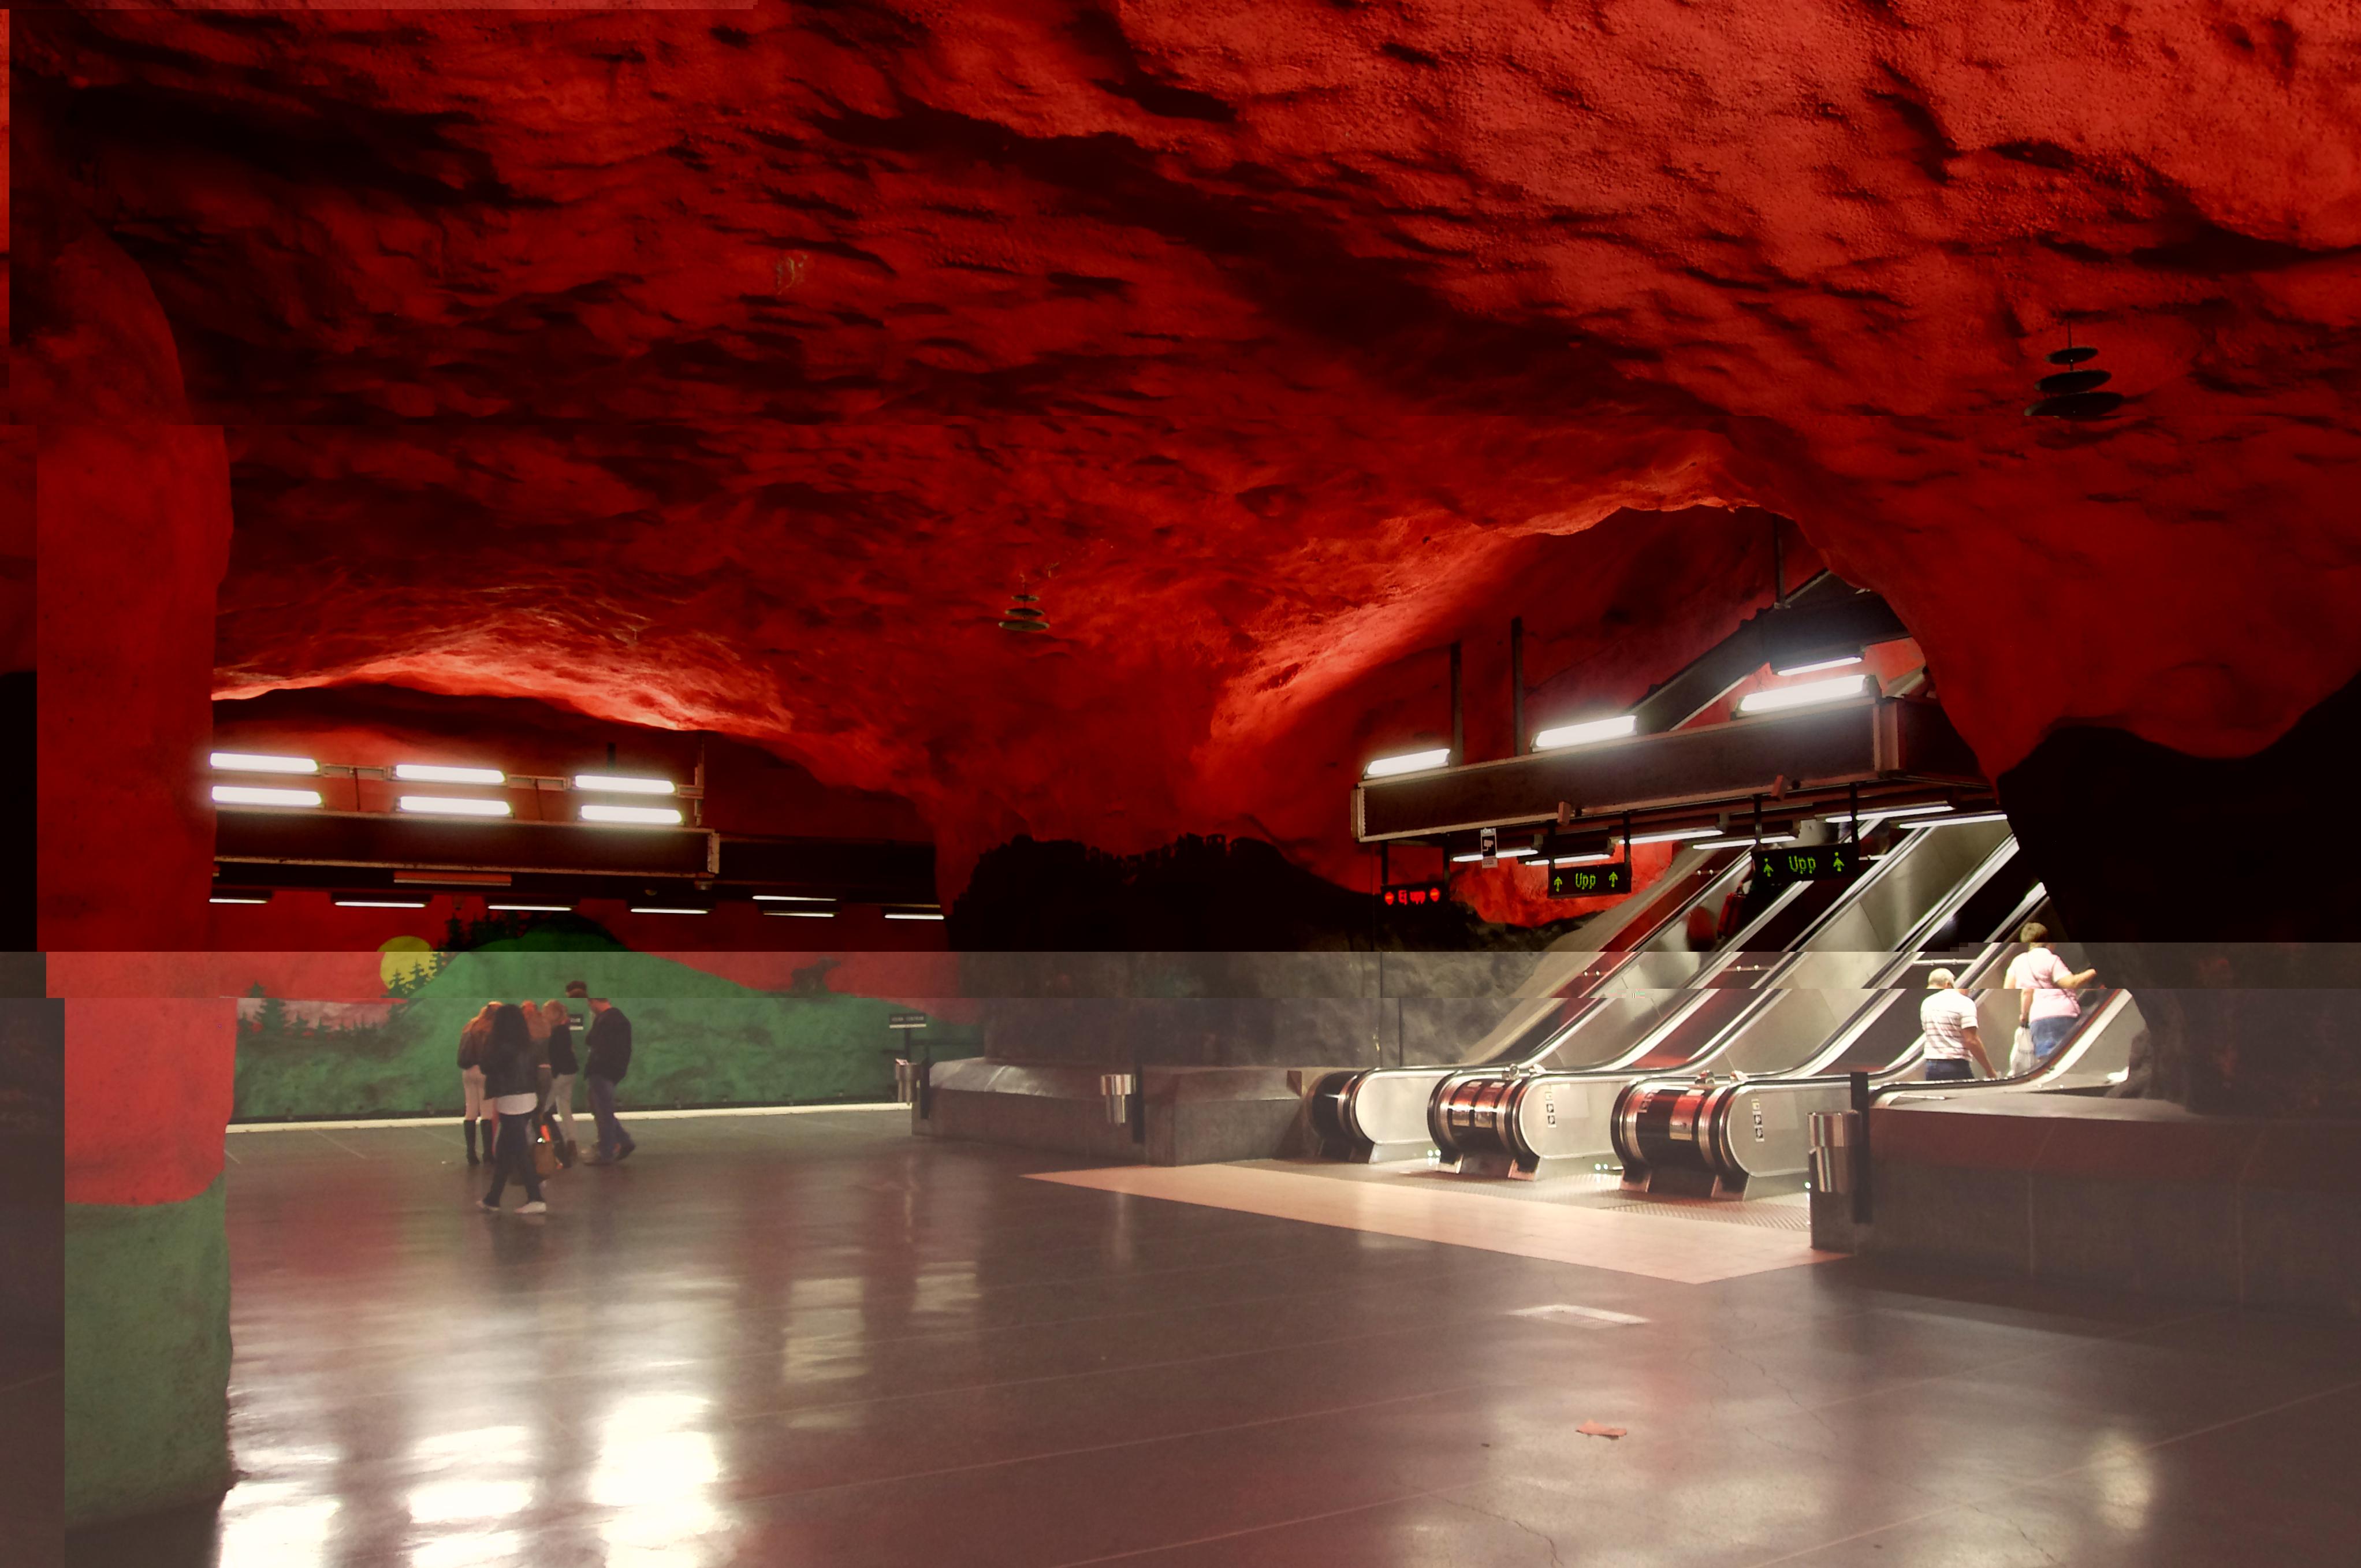 4f10753d7a9d872e989352e614b3249c - Las Estaciones de Metro más espectaculares de Europa